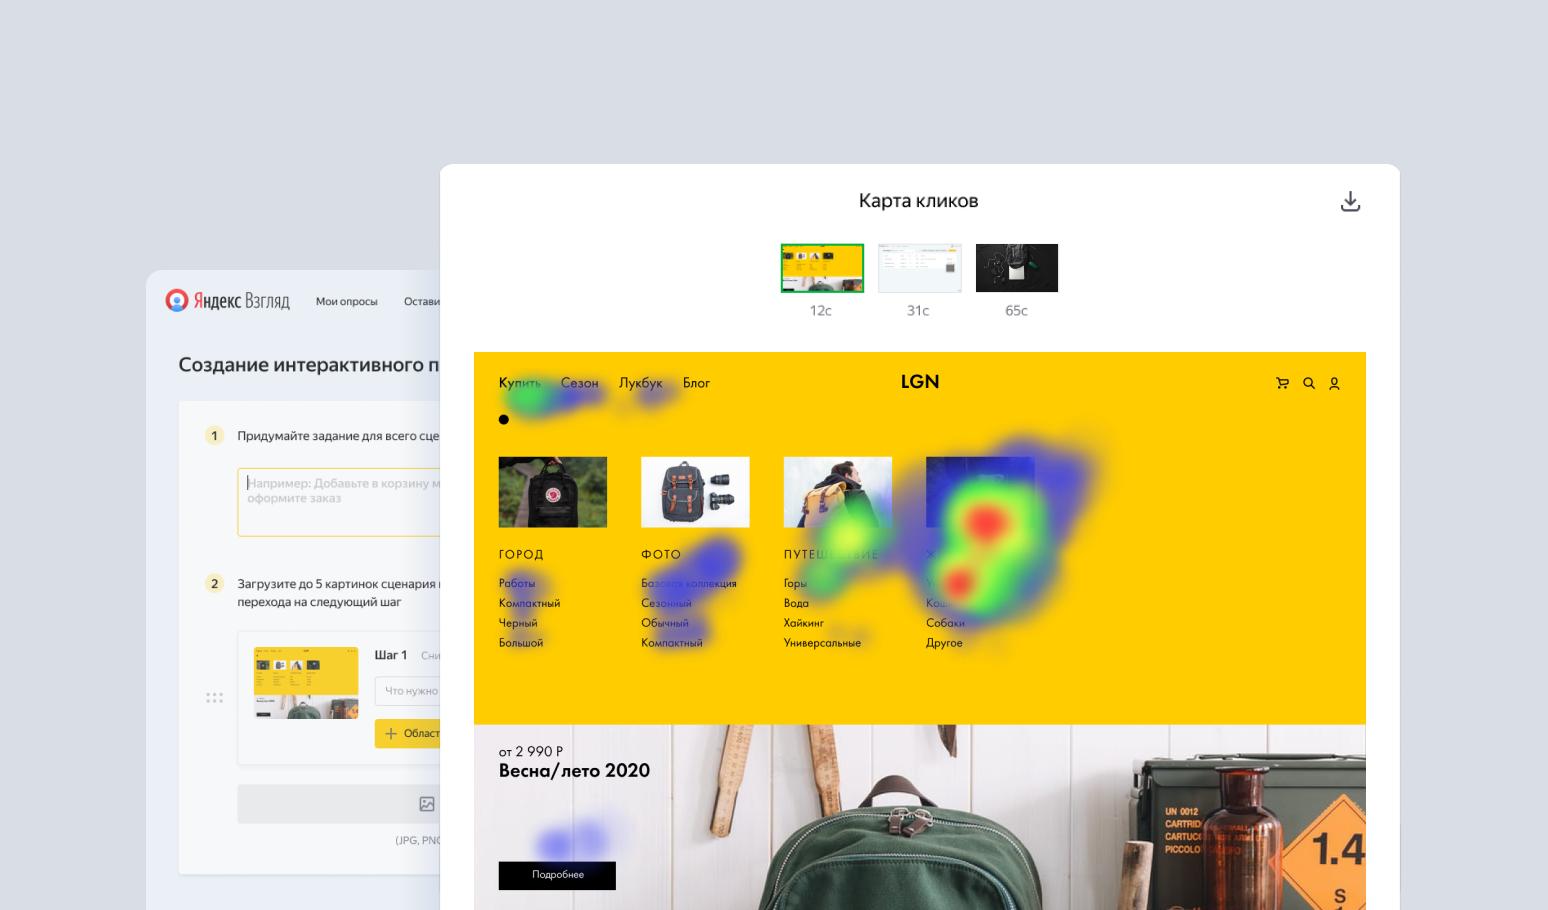 В «Яндекс.Взгляде» можно проверять удобство сайта или приложения